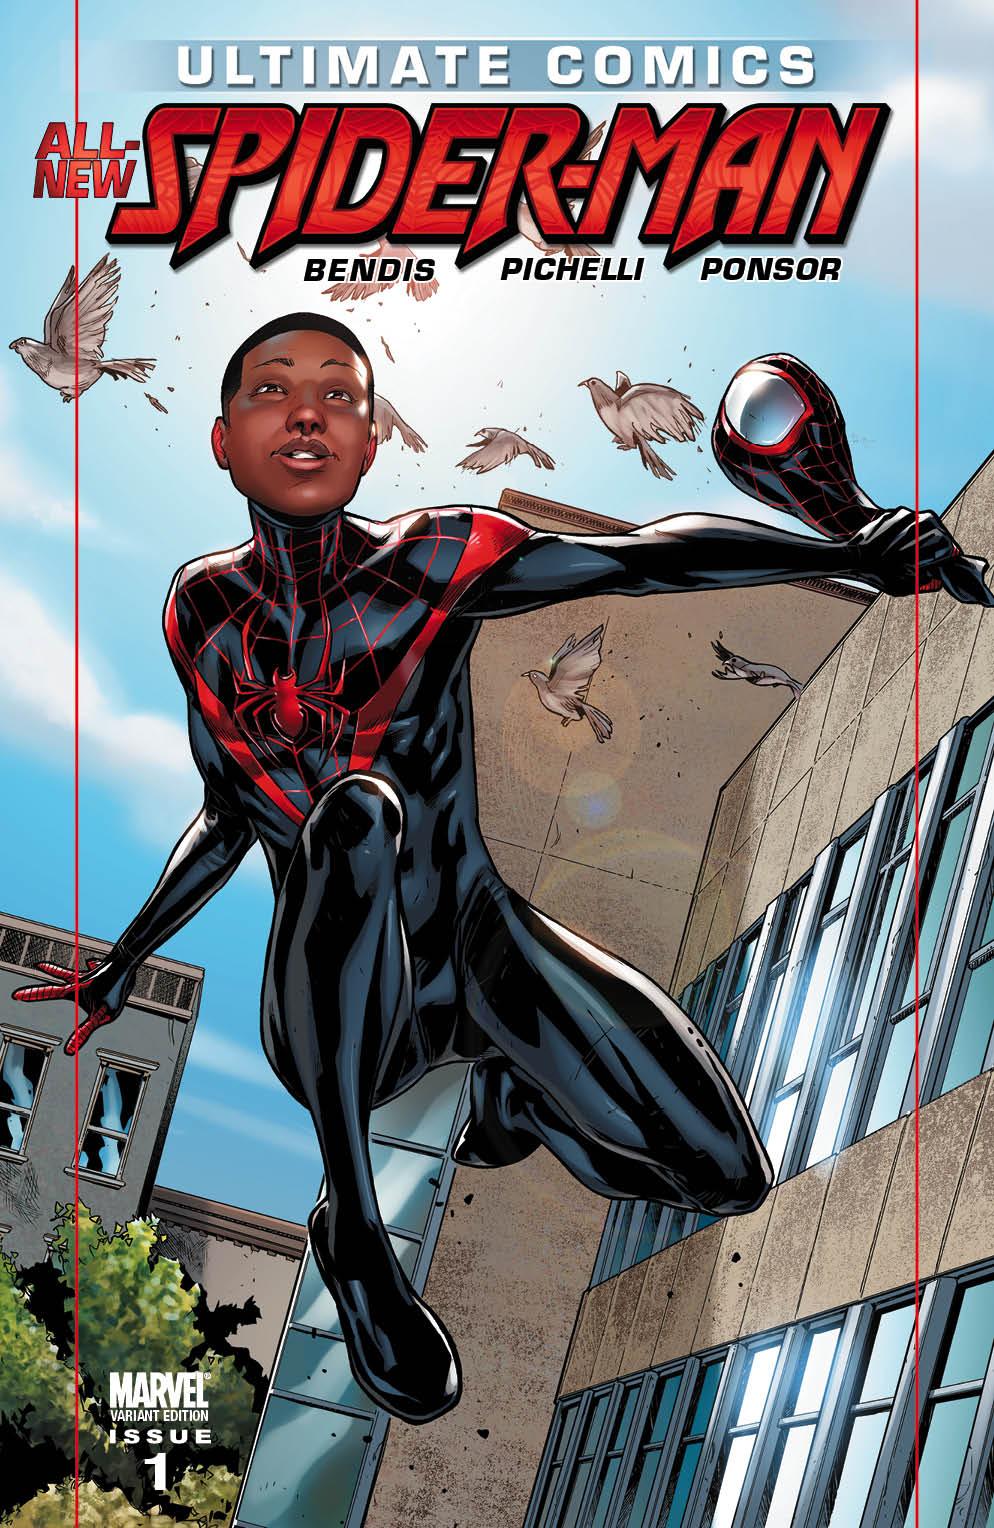 Capa variante do Homem-Aranha Miles Morales, personagem que Sara Pichelli foi cocriadora